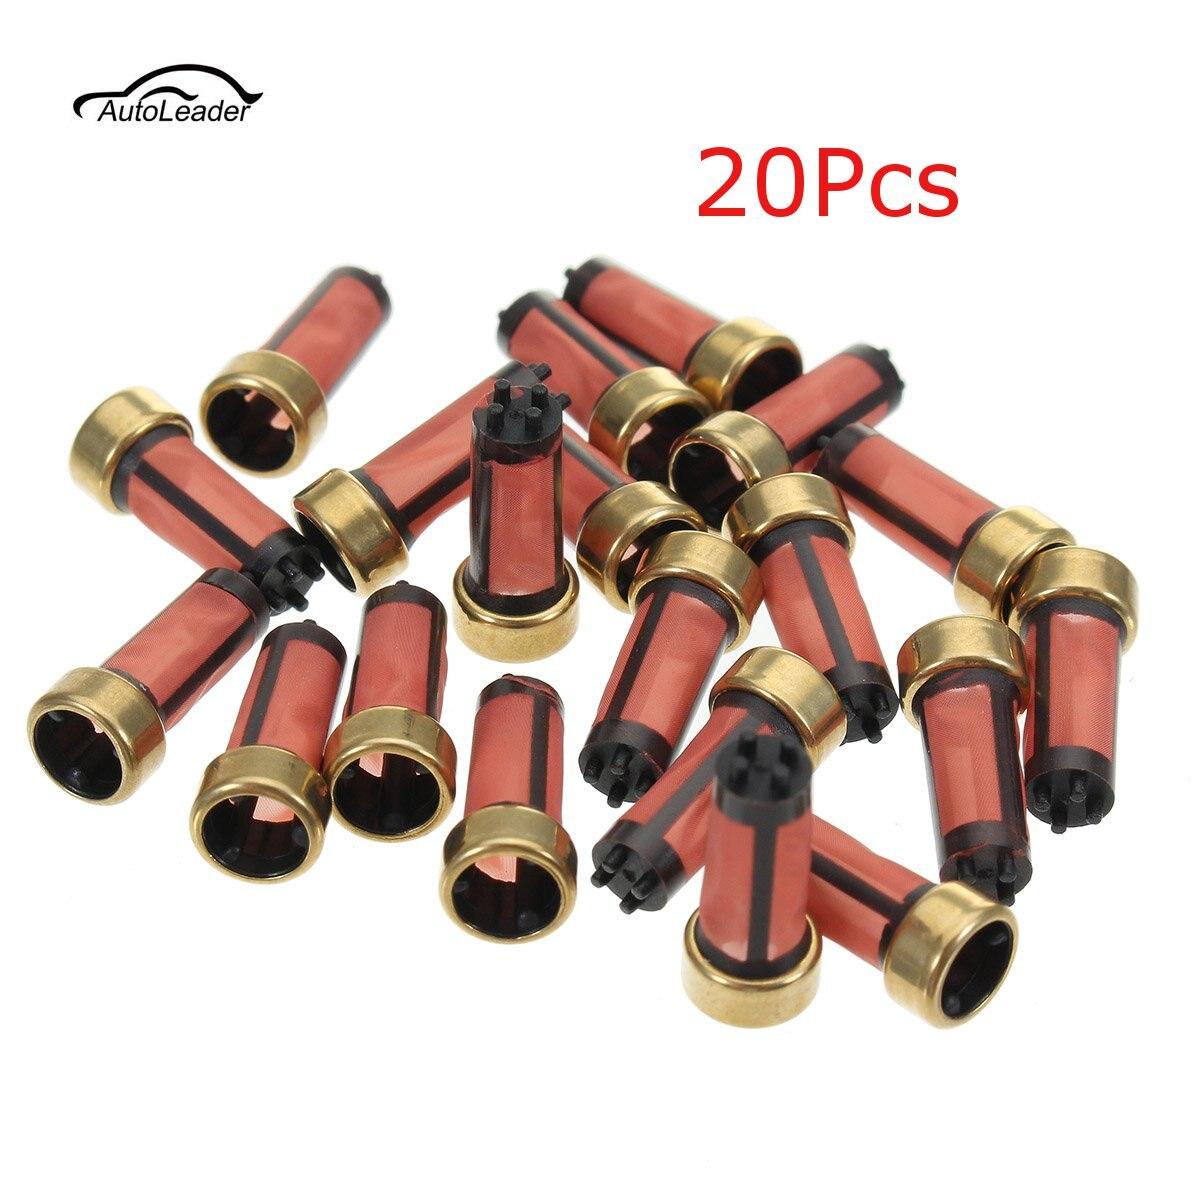 20 штук Высокое качество Авто инжектор топлива микро фильтр OEM MD619962 14*6*3 мм автозапчасти